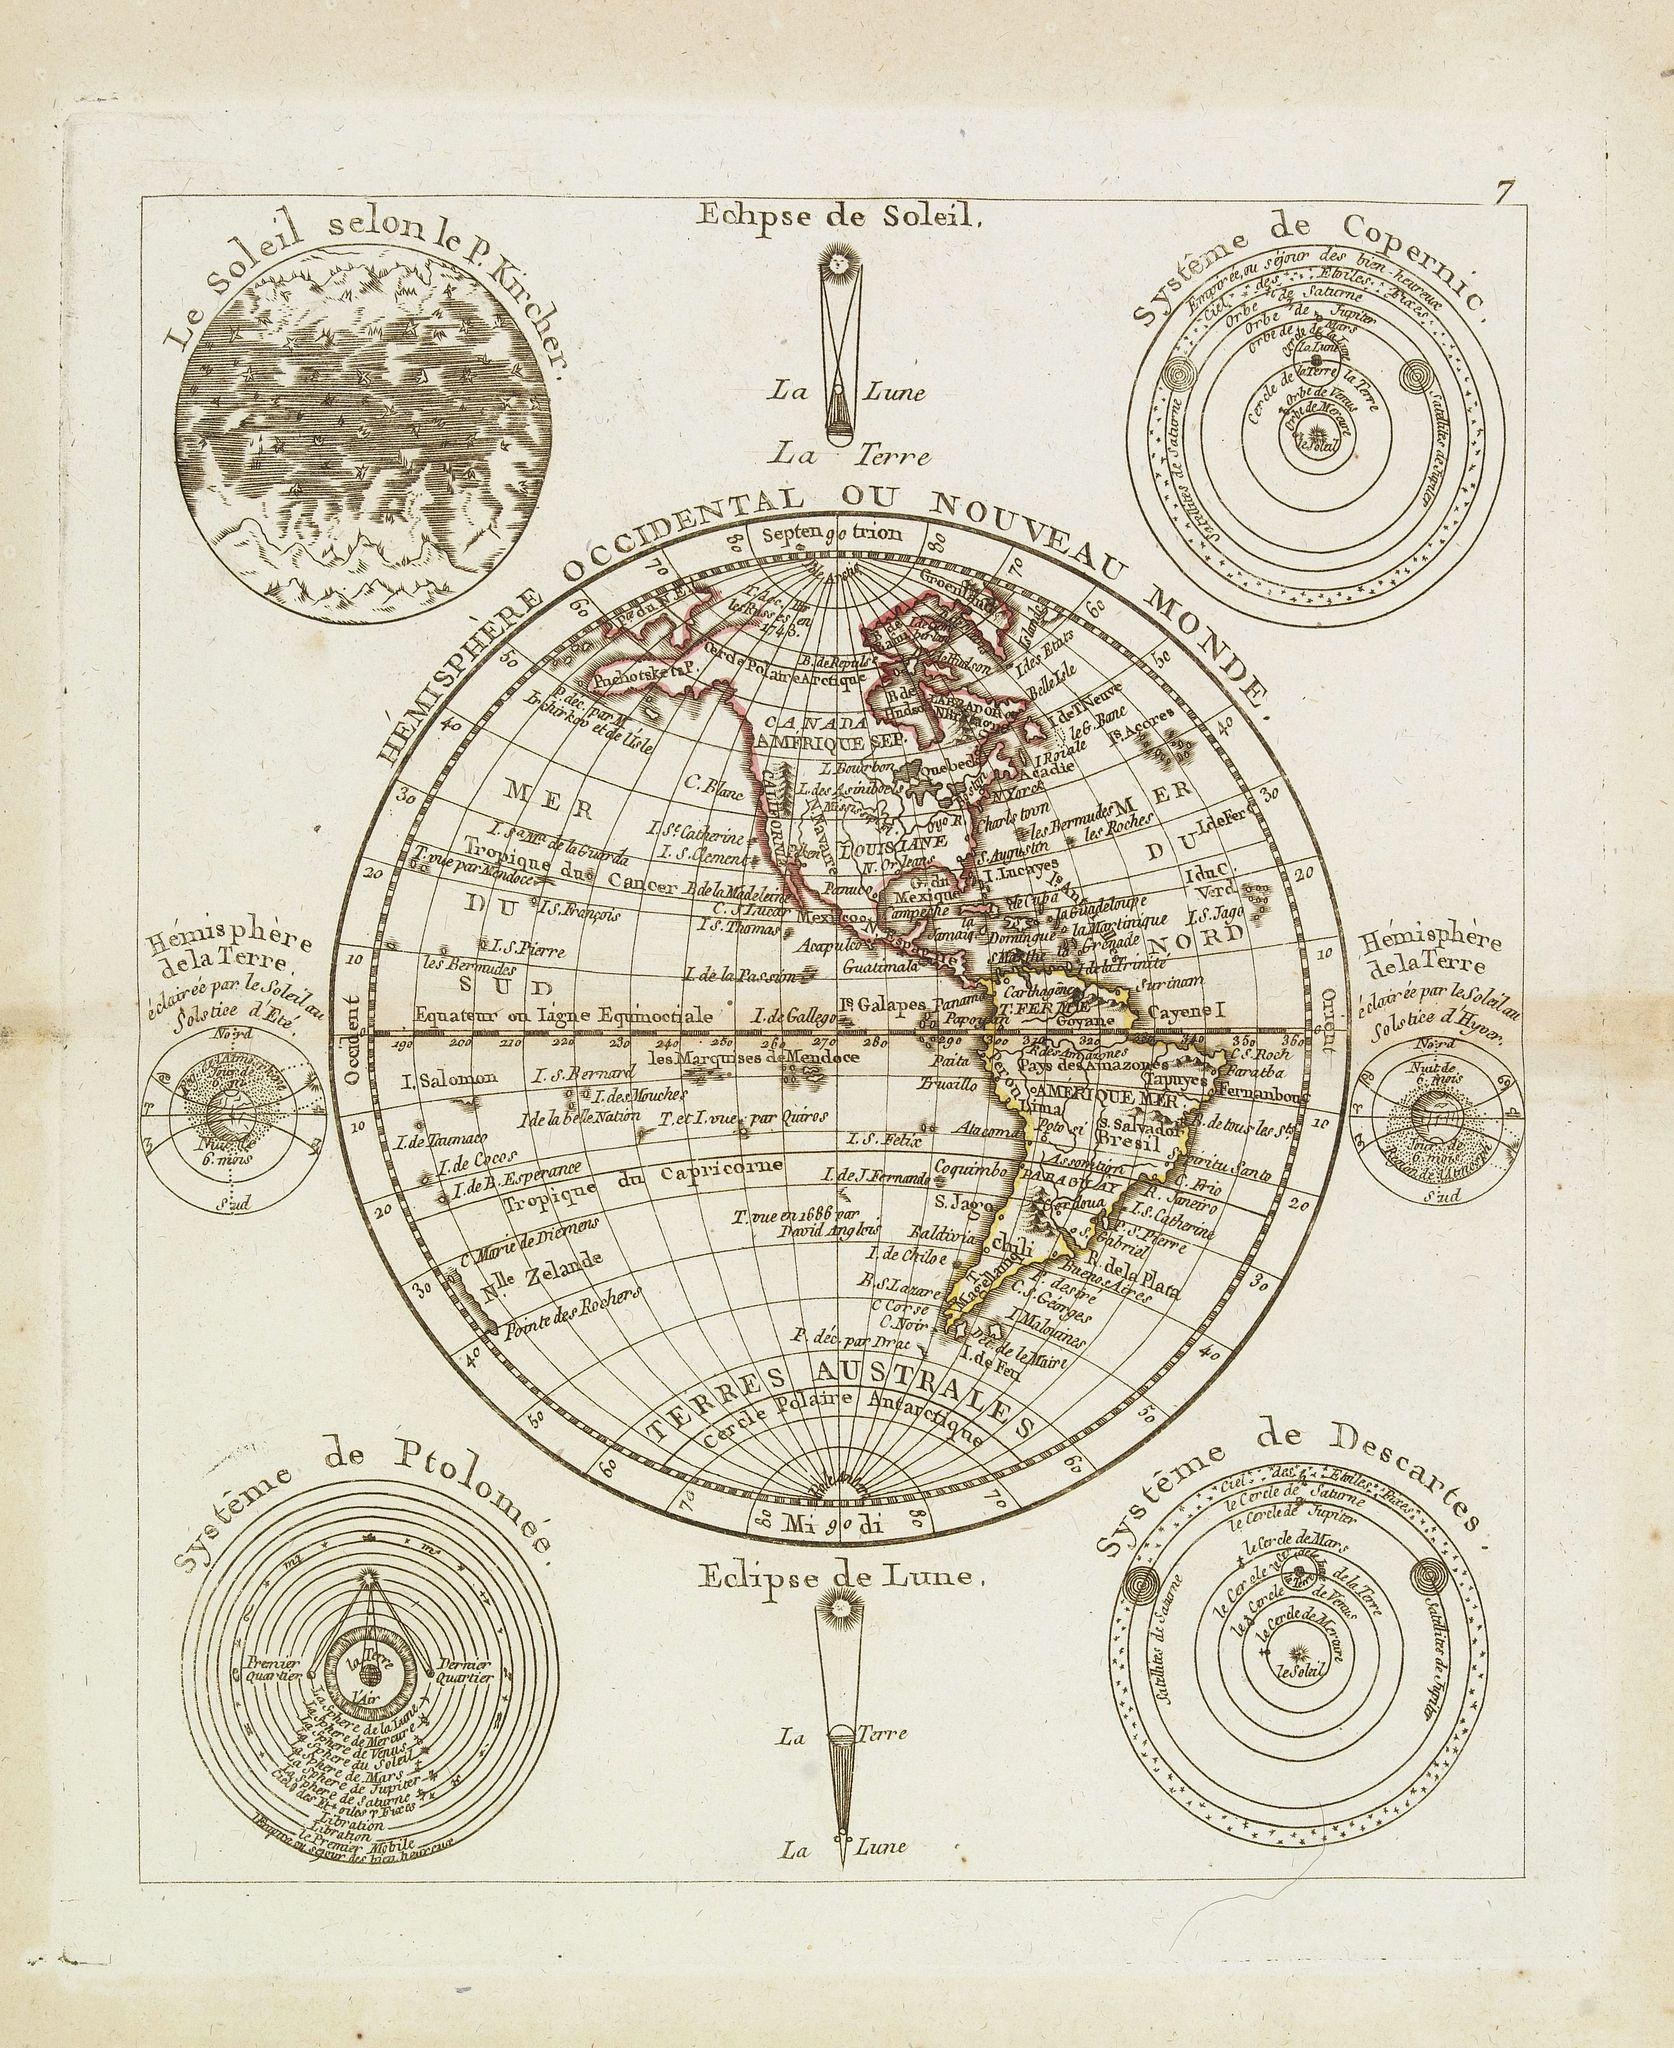 MONDHARE / NOLIN, J.B. -  Hémisphère Oriental ou Nouveau Monde.